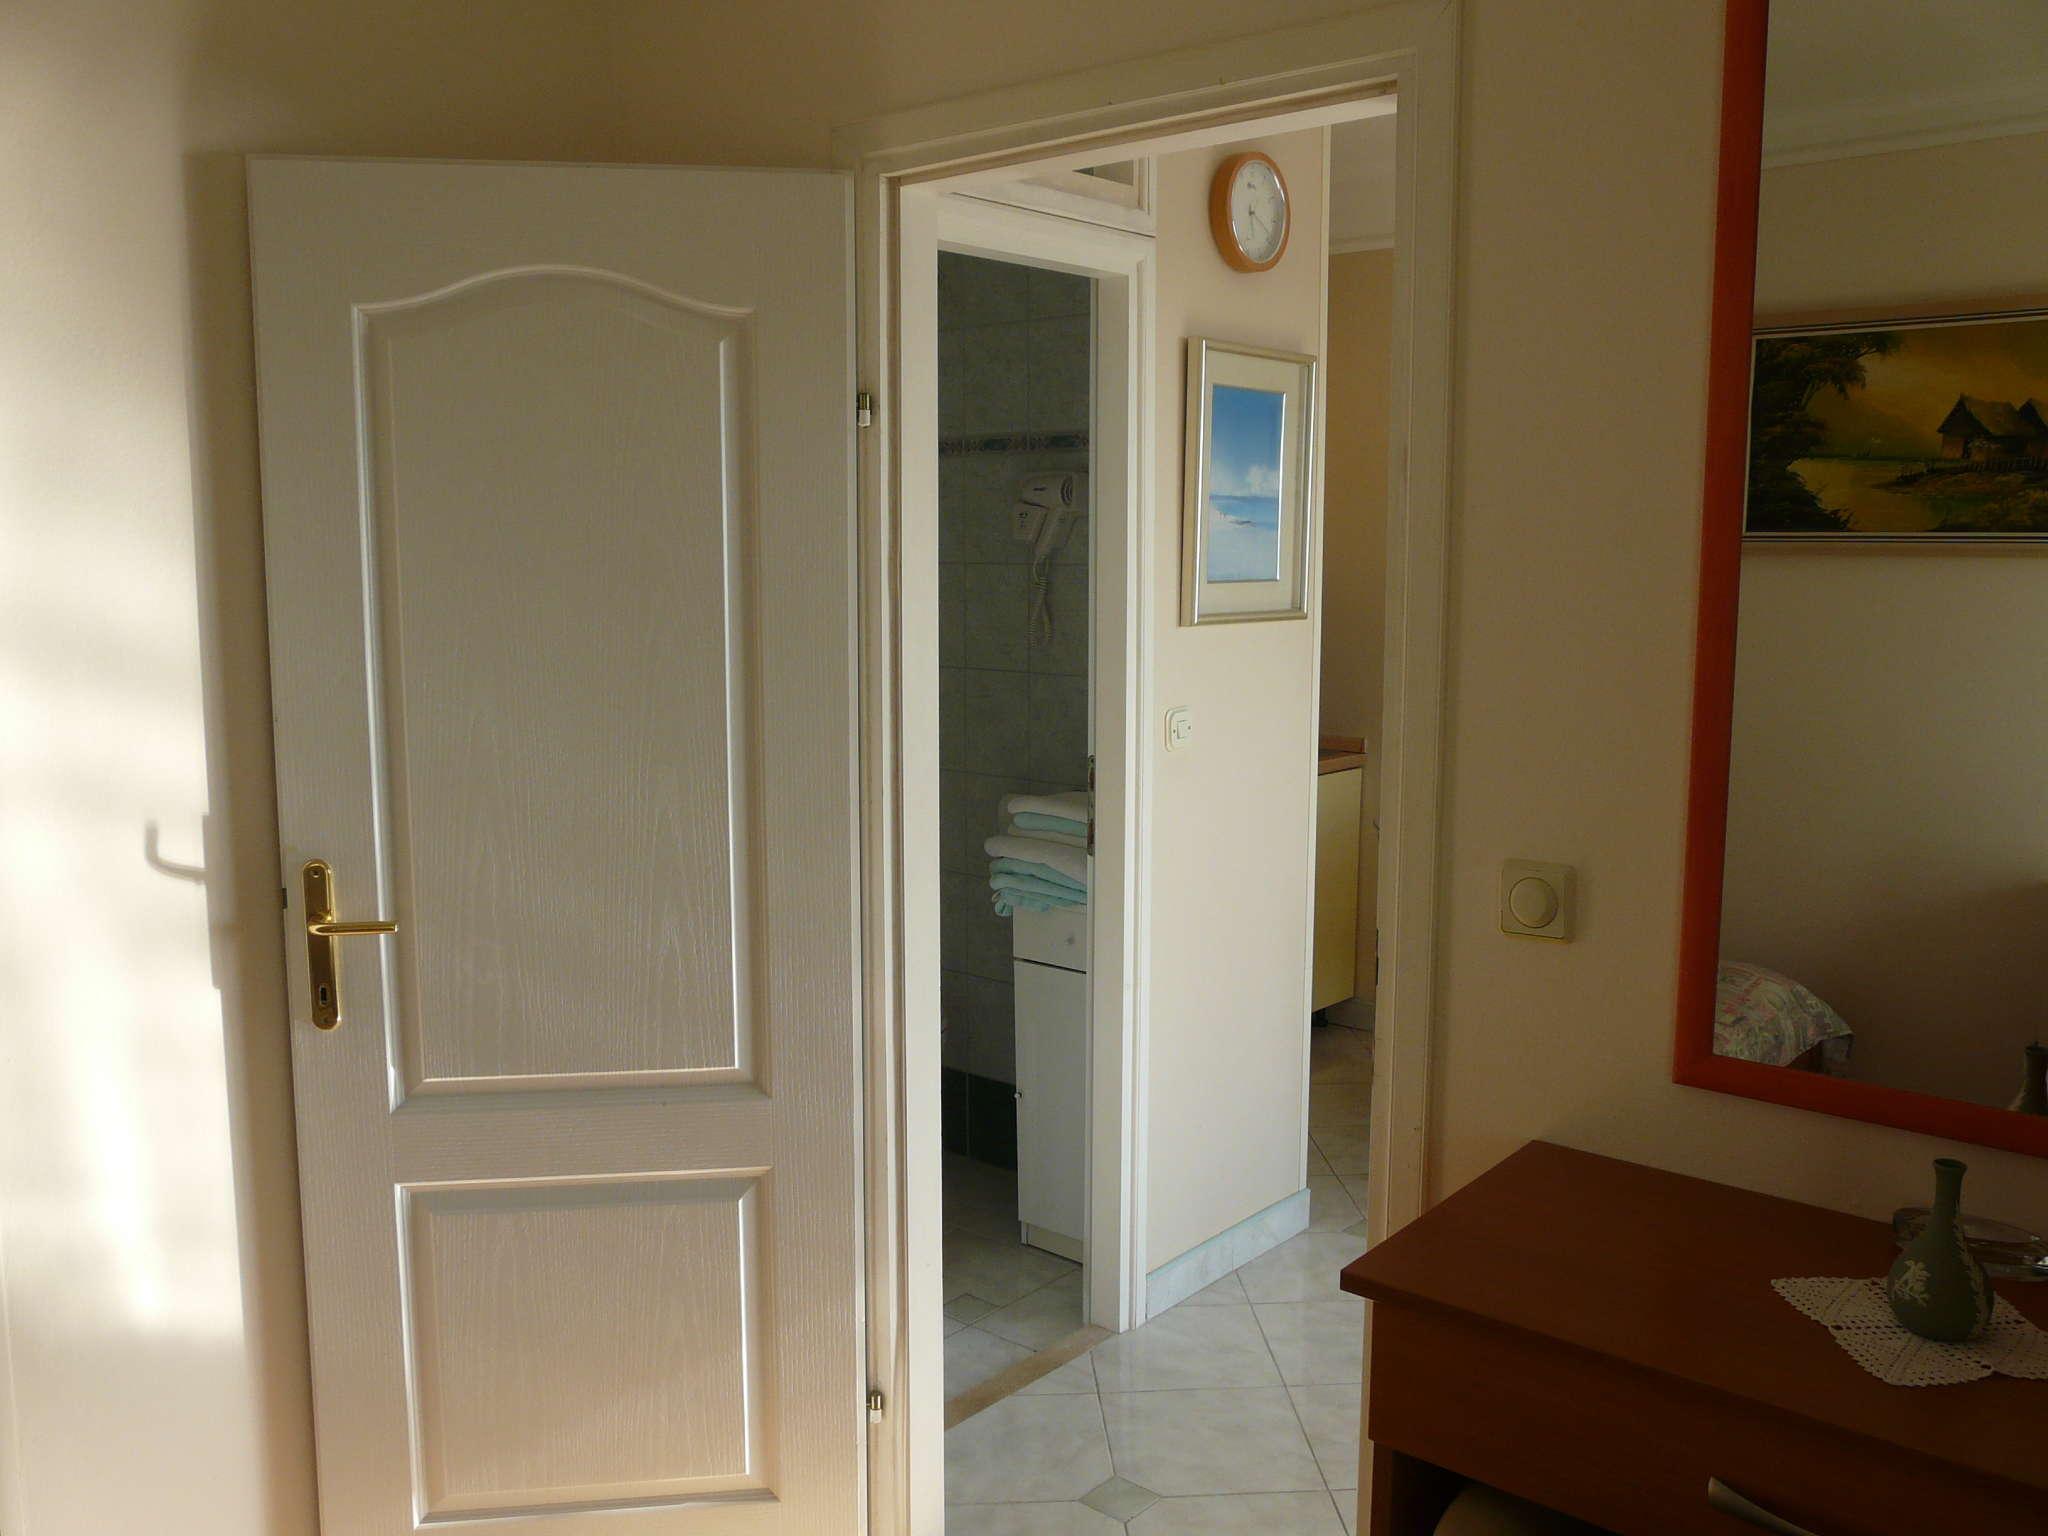 Zusatzbild Nr. 07 von Villa Valerija - Untere kleine Wohnung